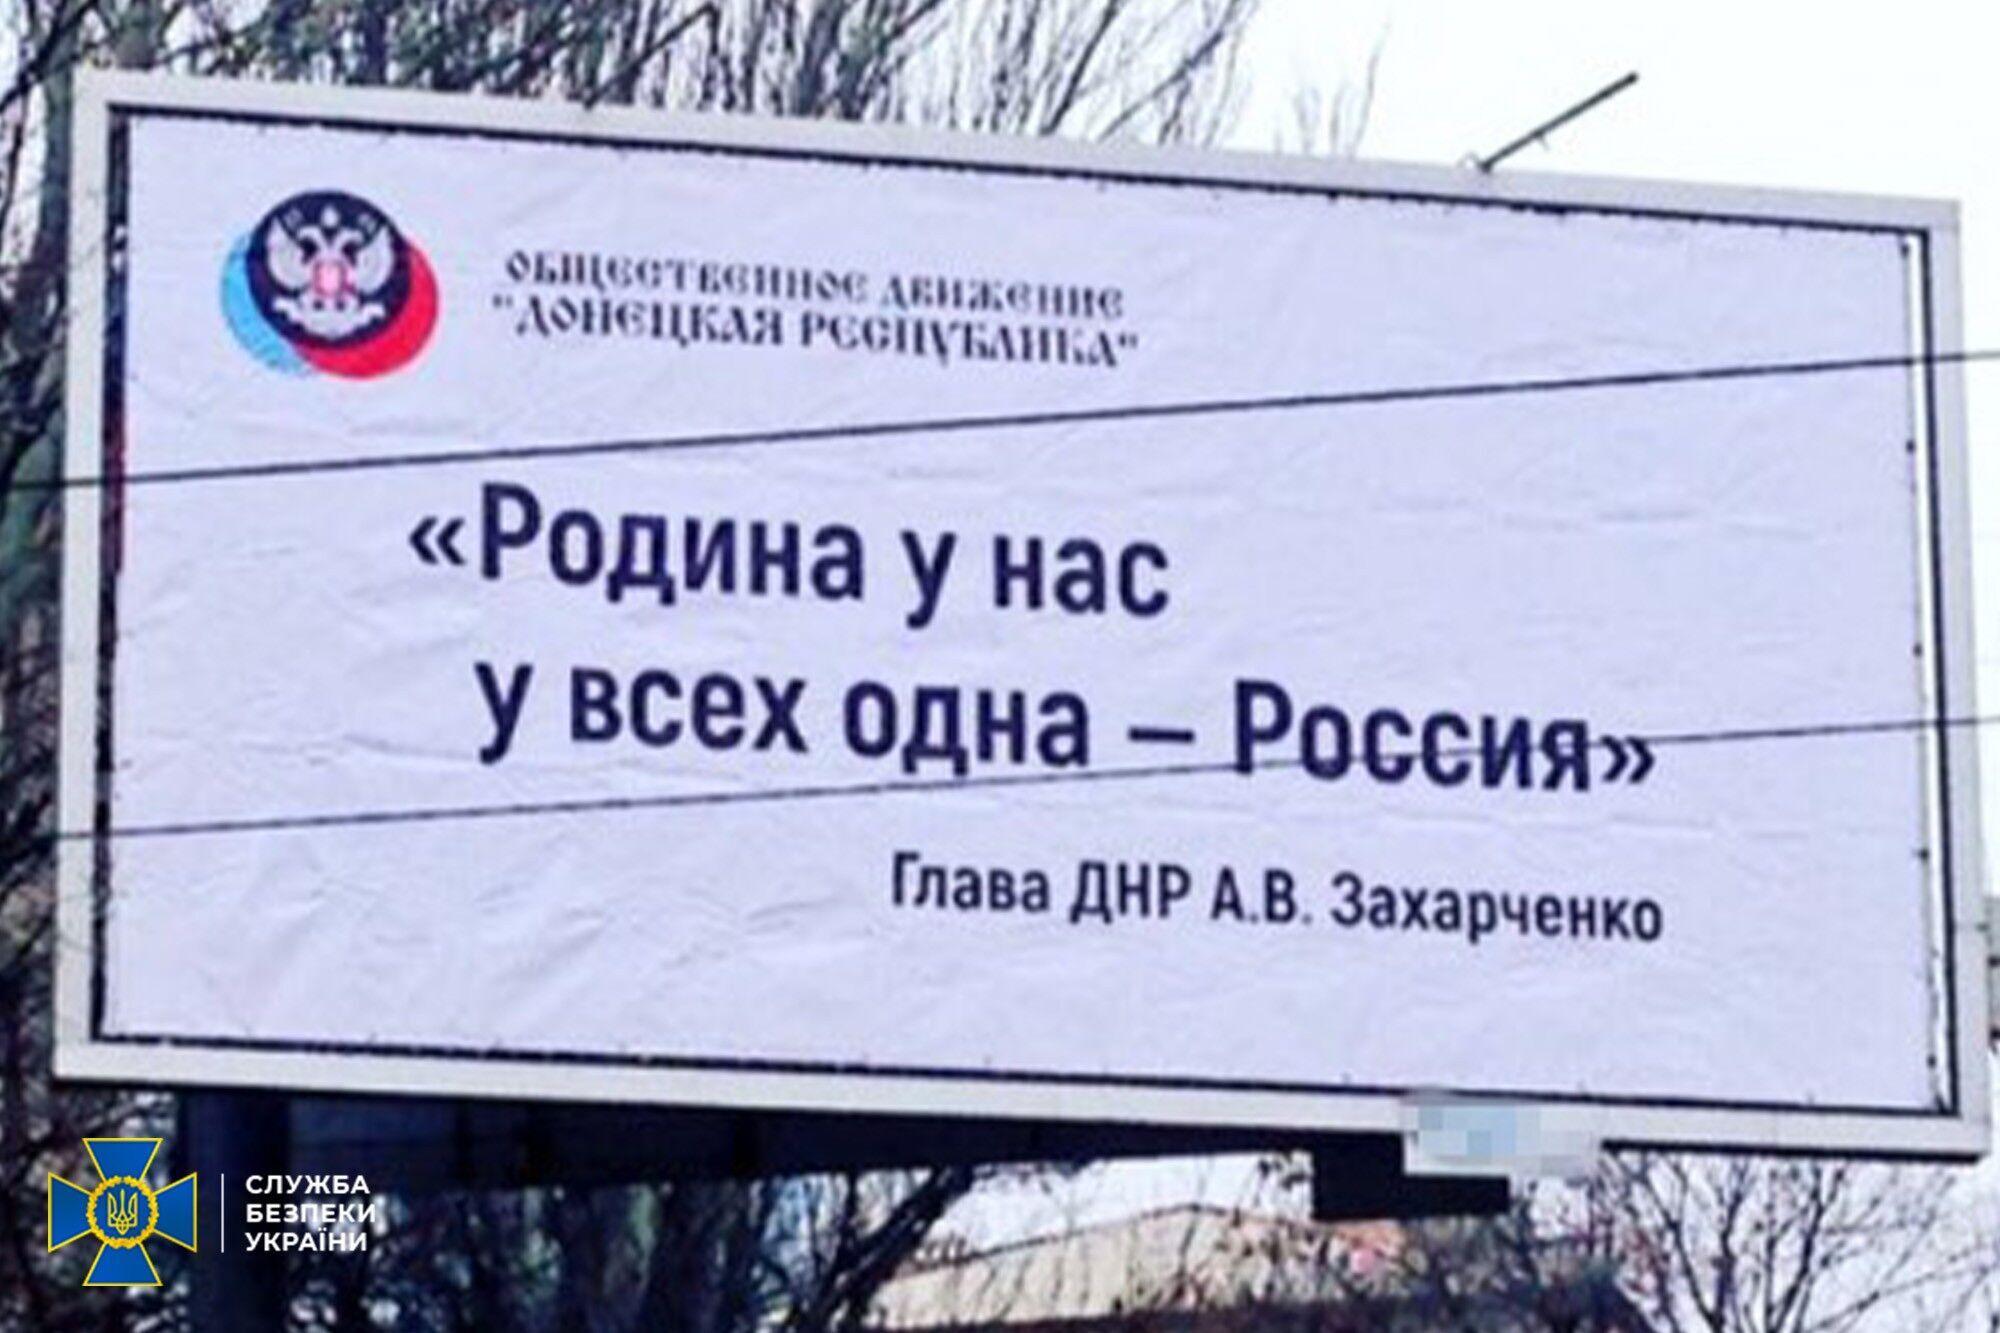 Одна из фотографий, выложенных на сайте СБУ как доказательство сотрудничества киевской компании с представителями ОРДЛО.В компании настаивают: эту фотографию, как и остальные, им подбросили на сервер с помощью специального оборудования